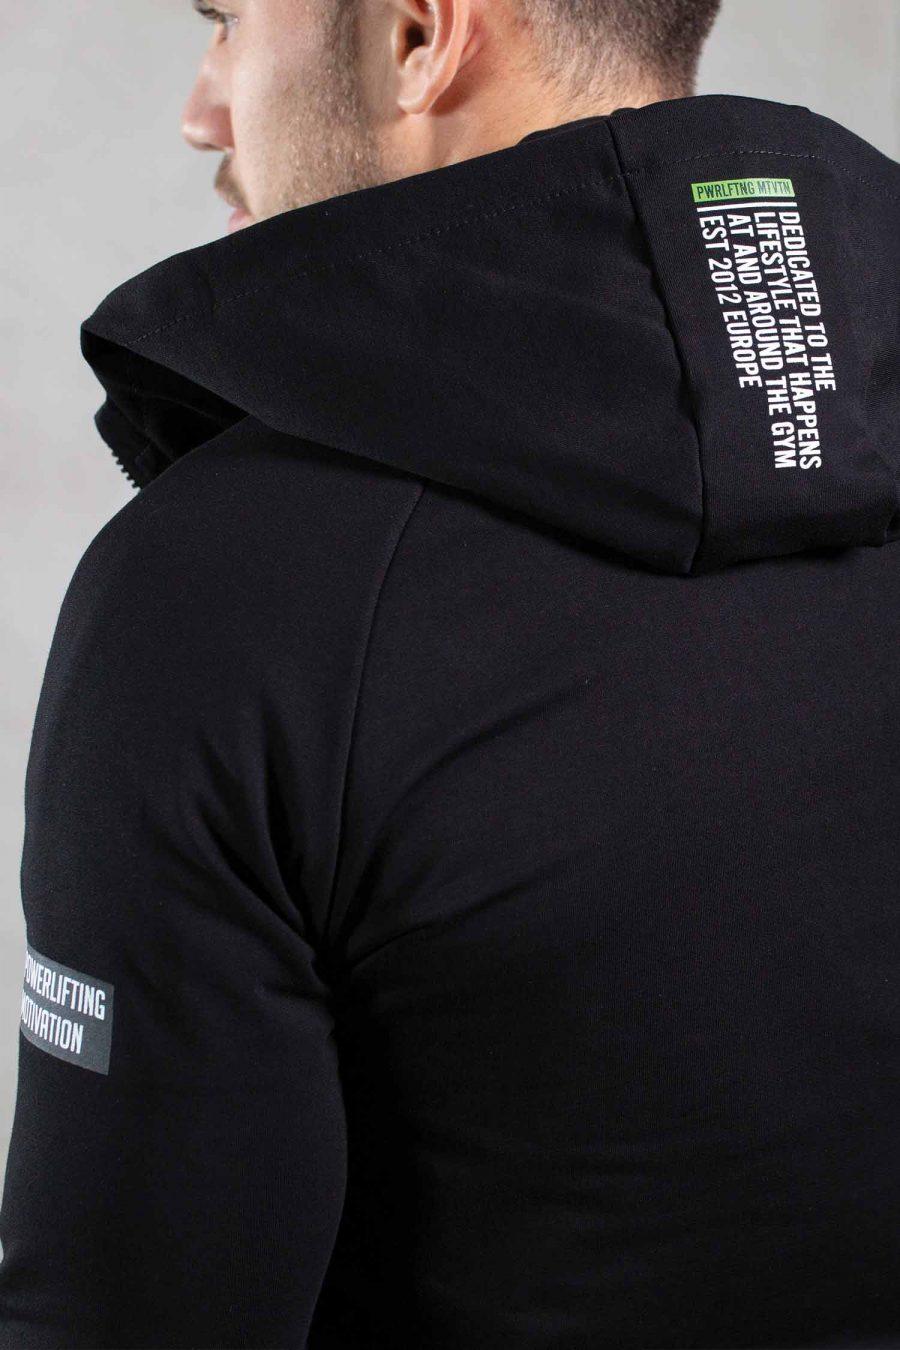 essentils-black-top-back-details